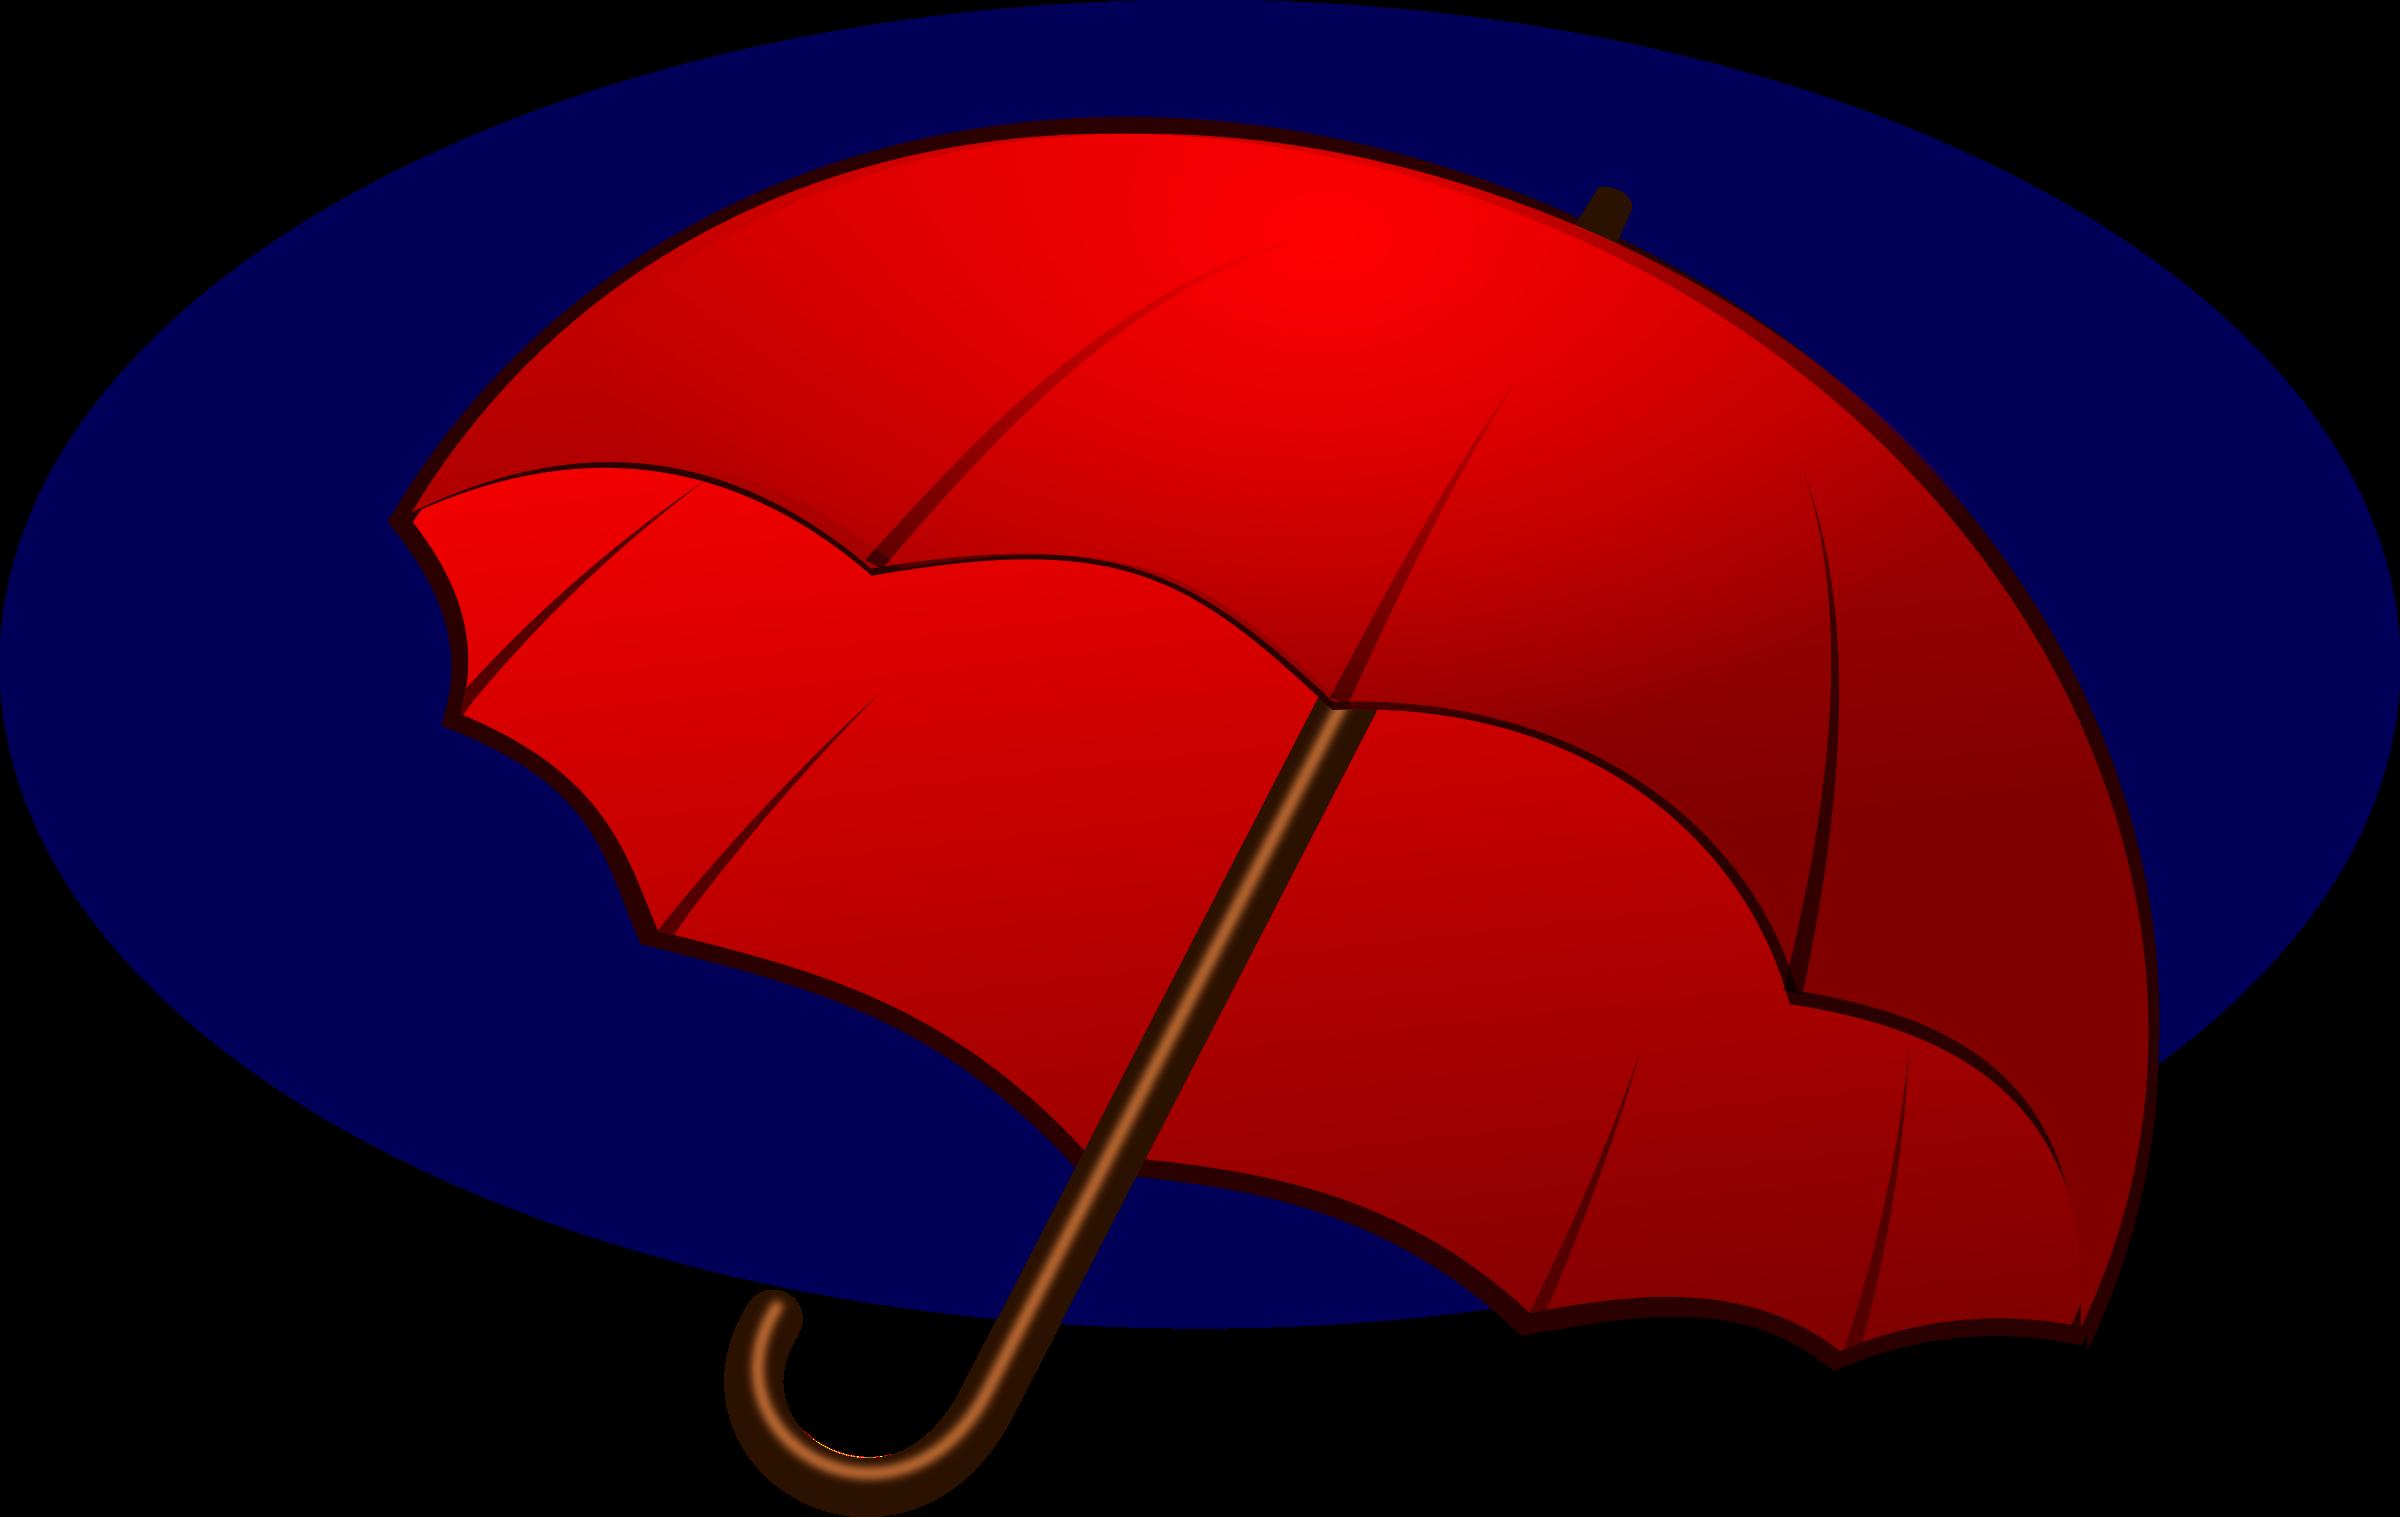 Big image png. Clipart umbrella public domain